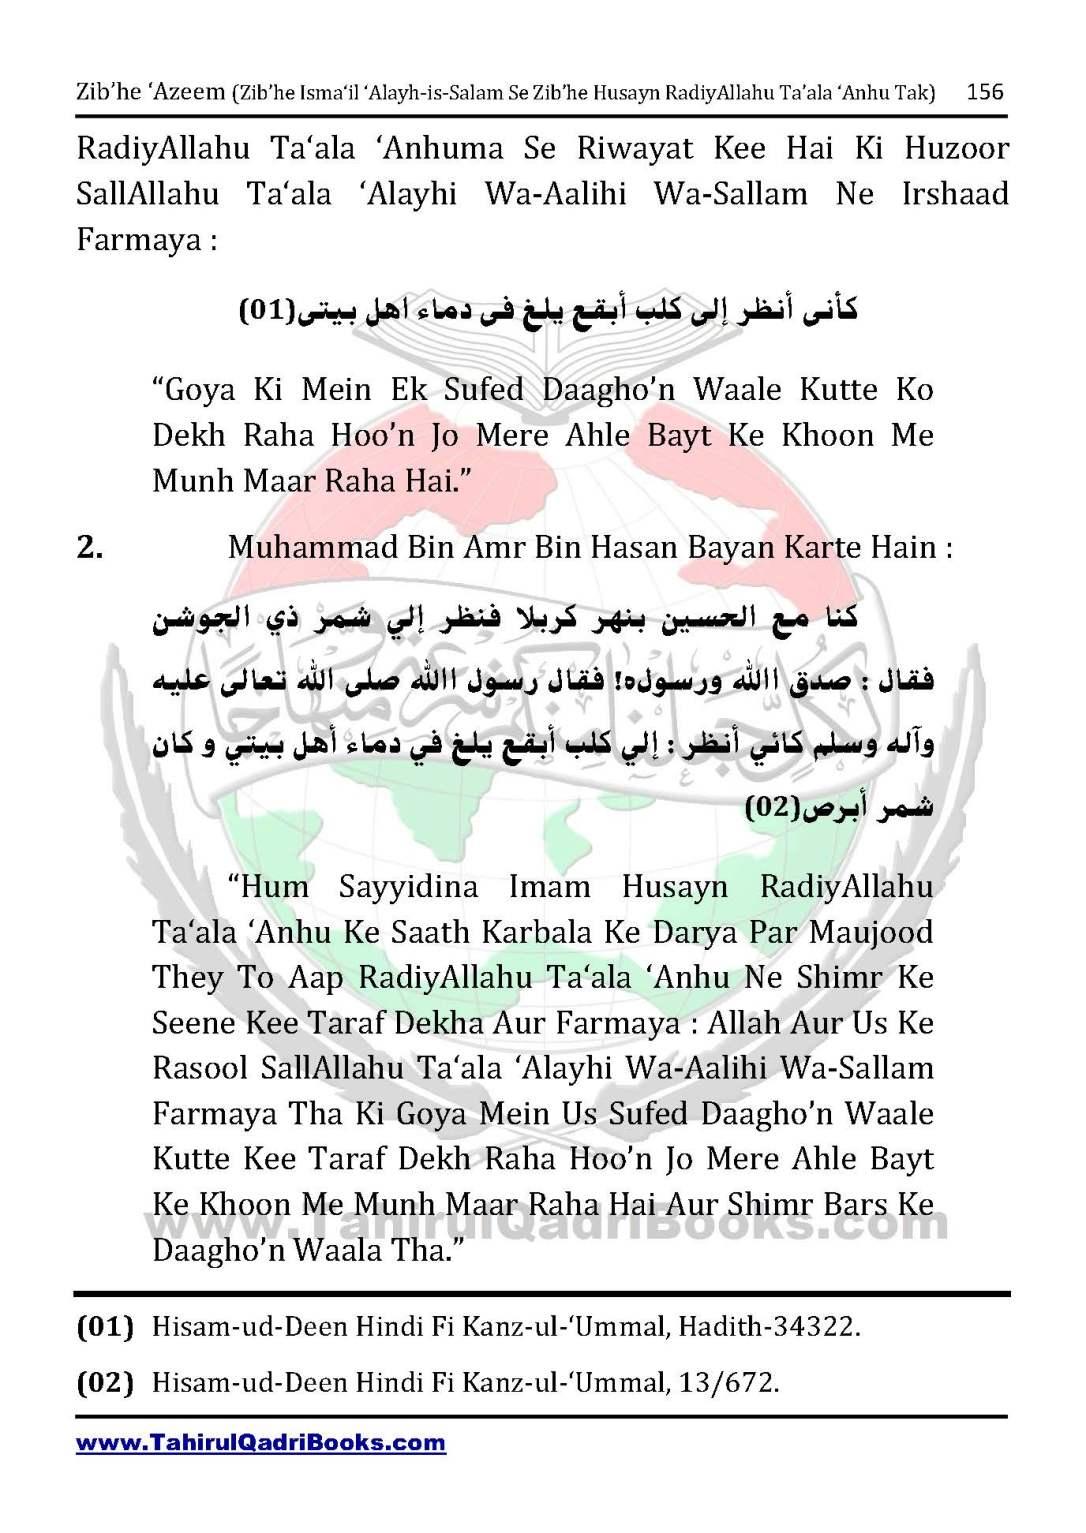 zib_he-e28098azeem-zib_he-ismacabbil-se-zib_he-husayn-tak-in-roman-urdu-unlocked_Page_156